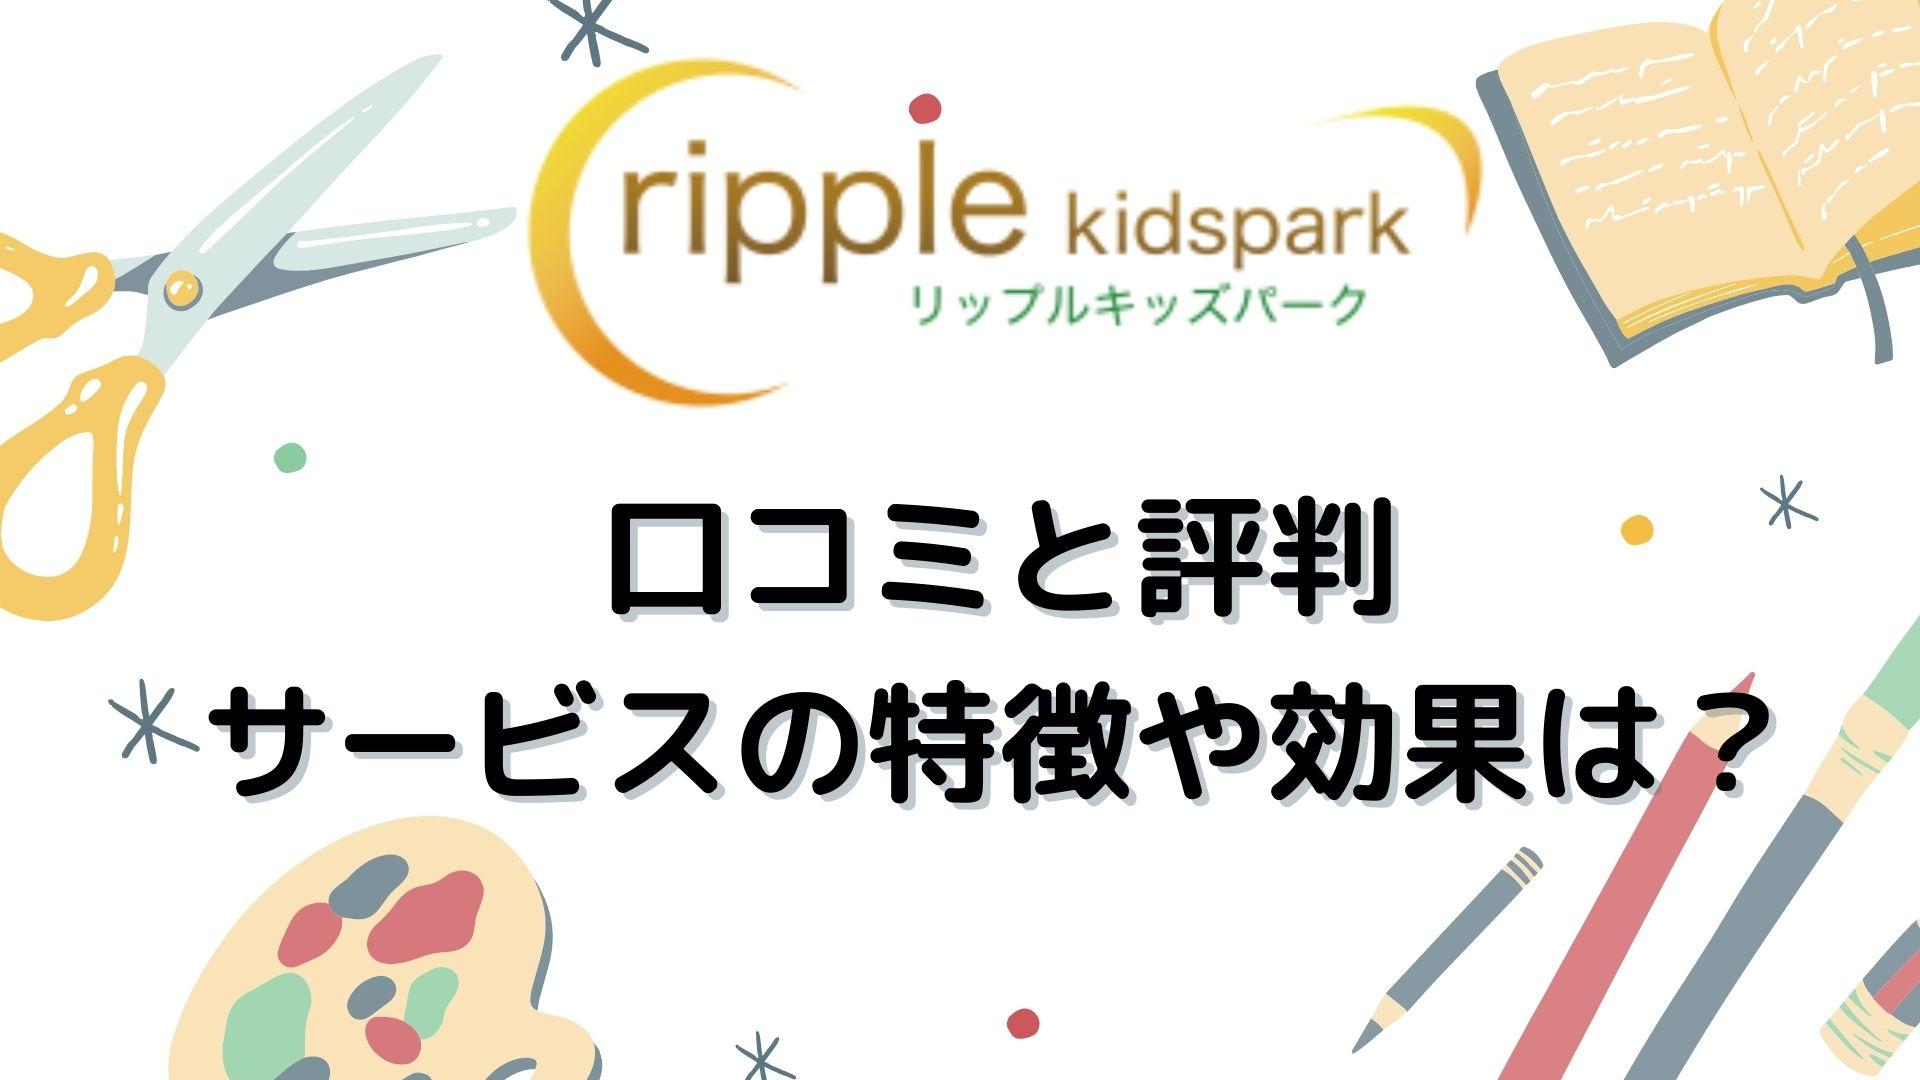 リップルキッズパークの口コミ・評判・効果は? 月額2,838円でこれだけできる!